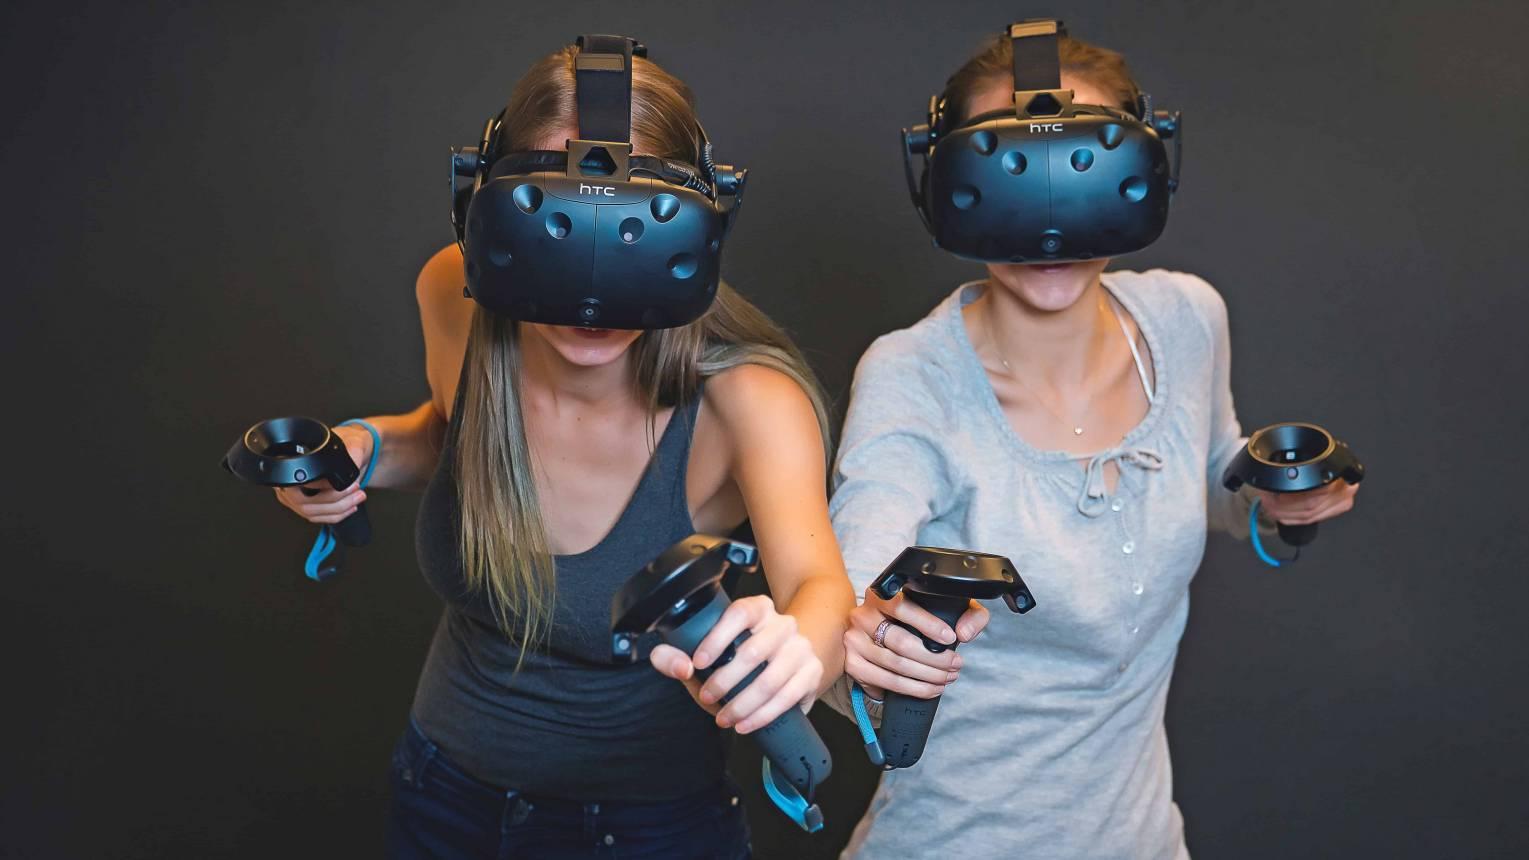 Belépő a virtuális valóságba 3 főnek